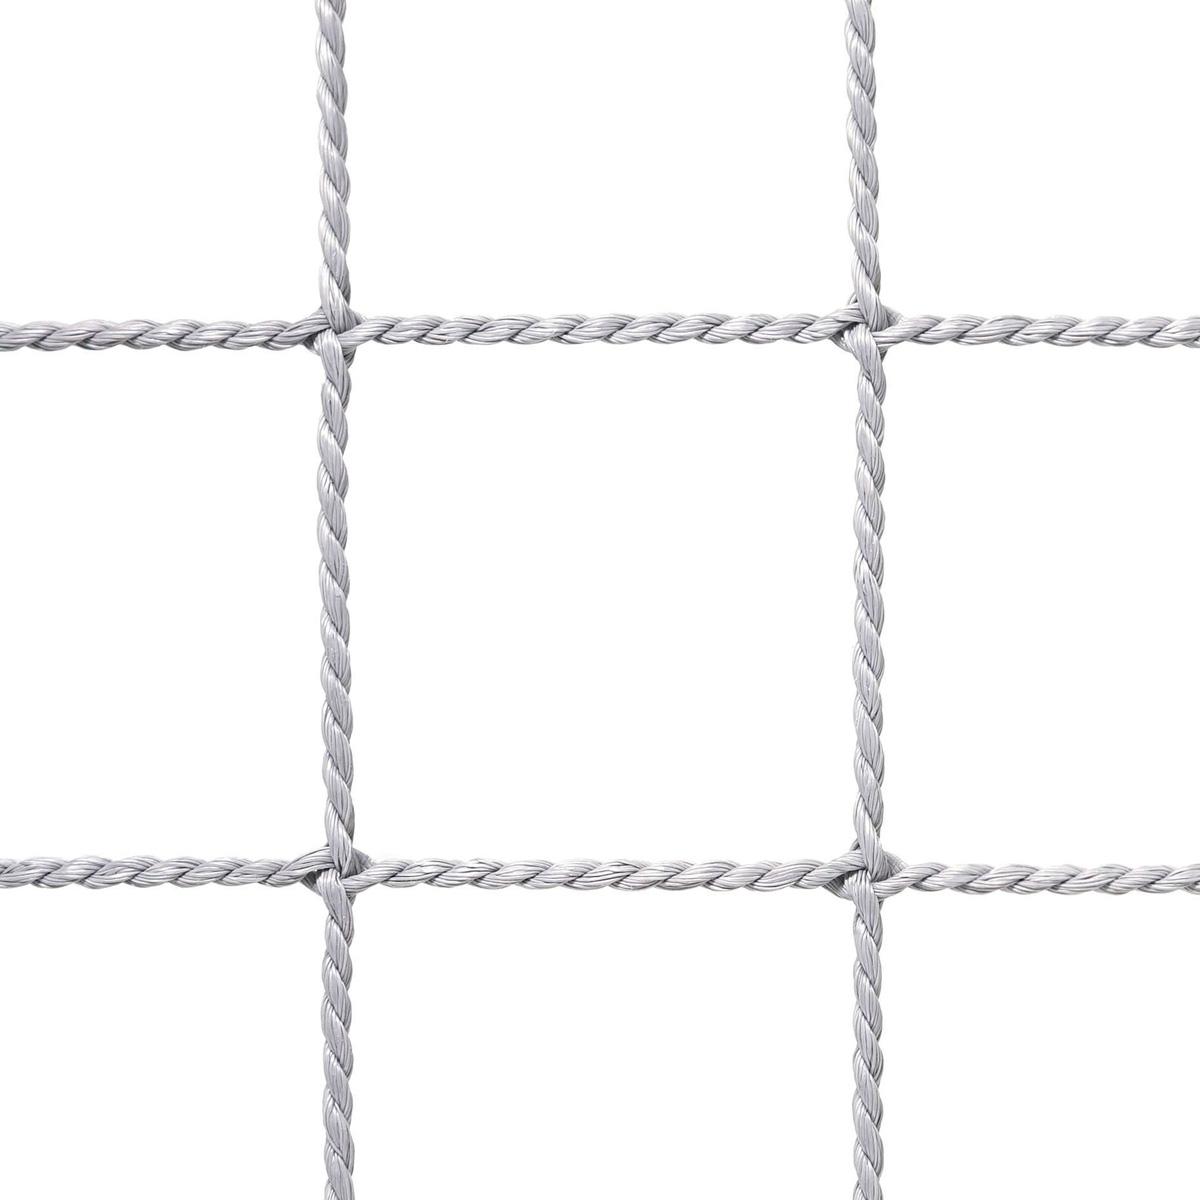 防炎ネット〈難燃性ヨリ線ネット37.5〉目合い:37.5mm